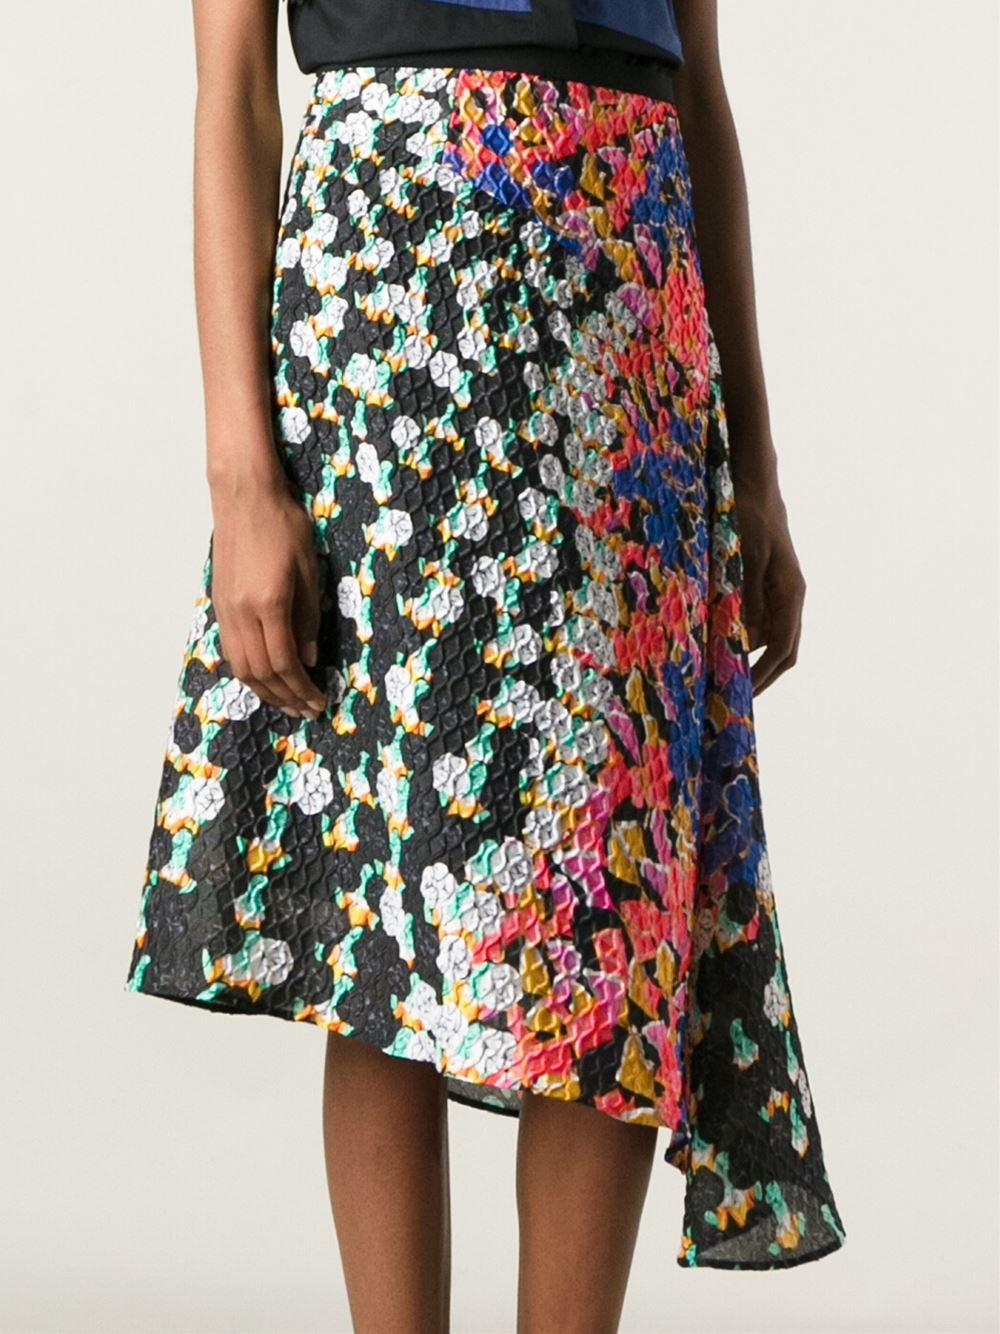 Peter pilotto textured printed asymmetric midi skirt